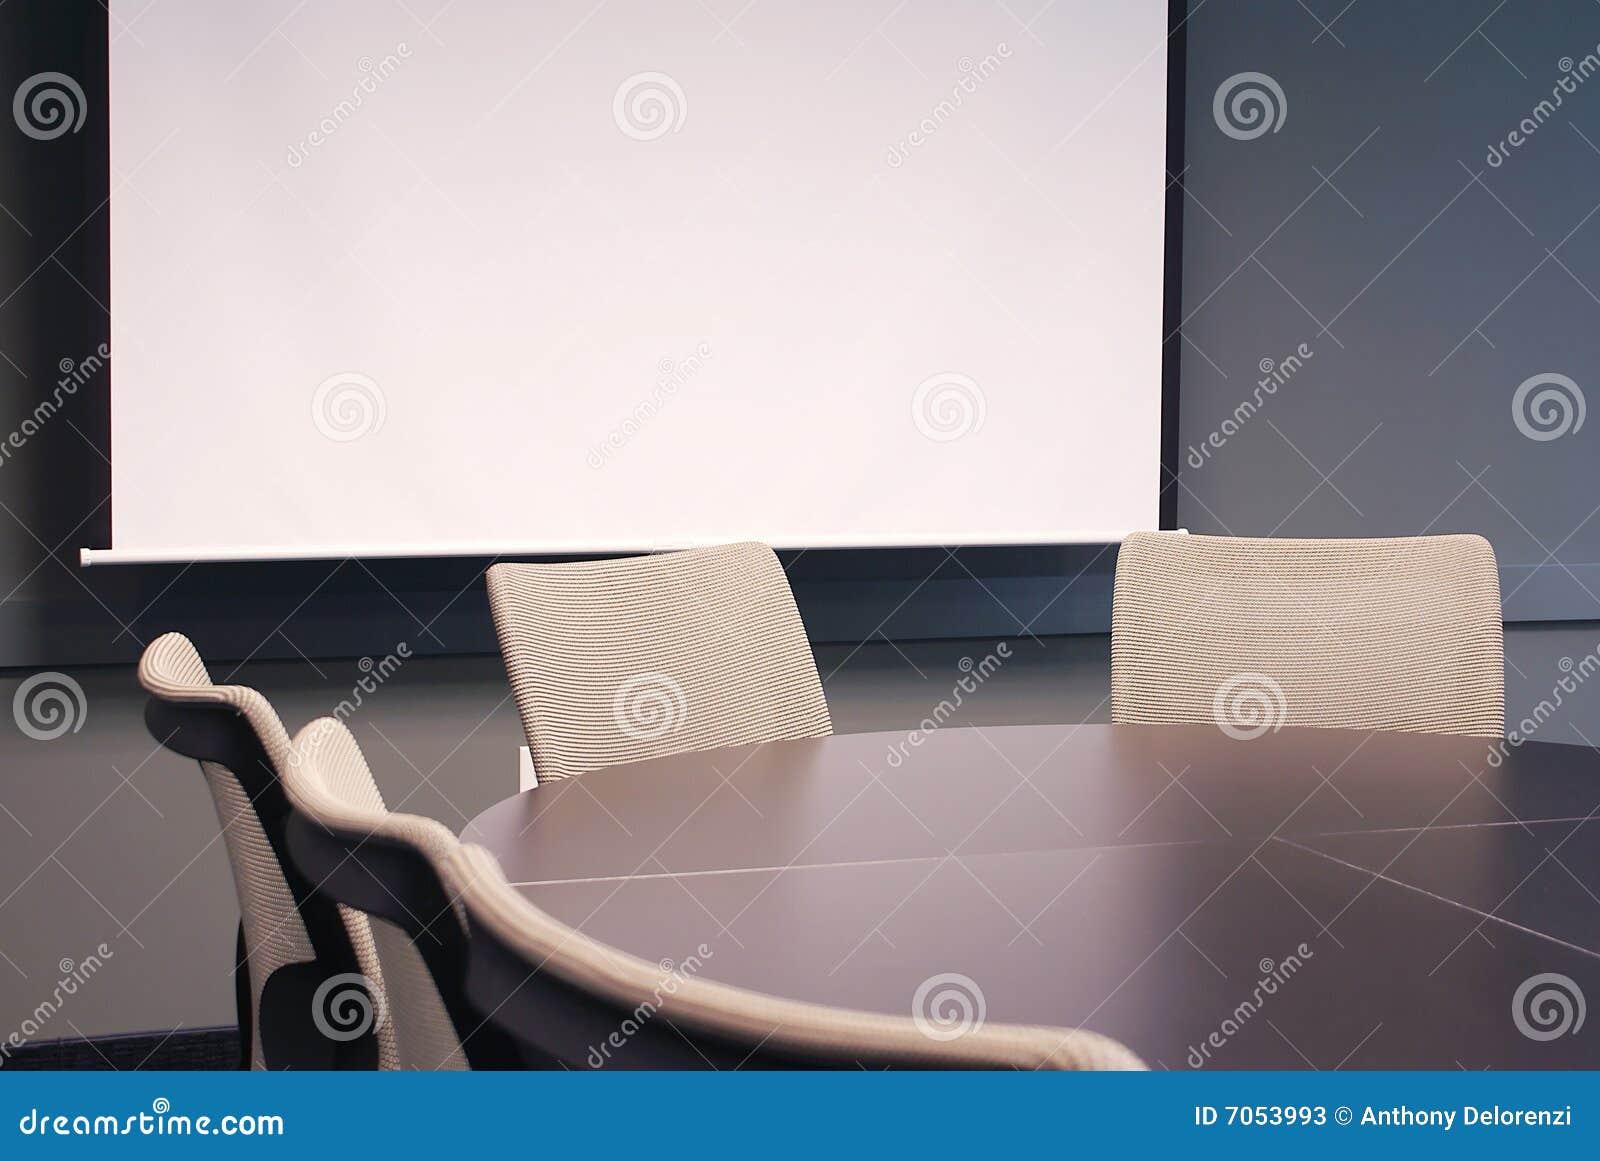 Tabela do escritório com cadeiras.